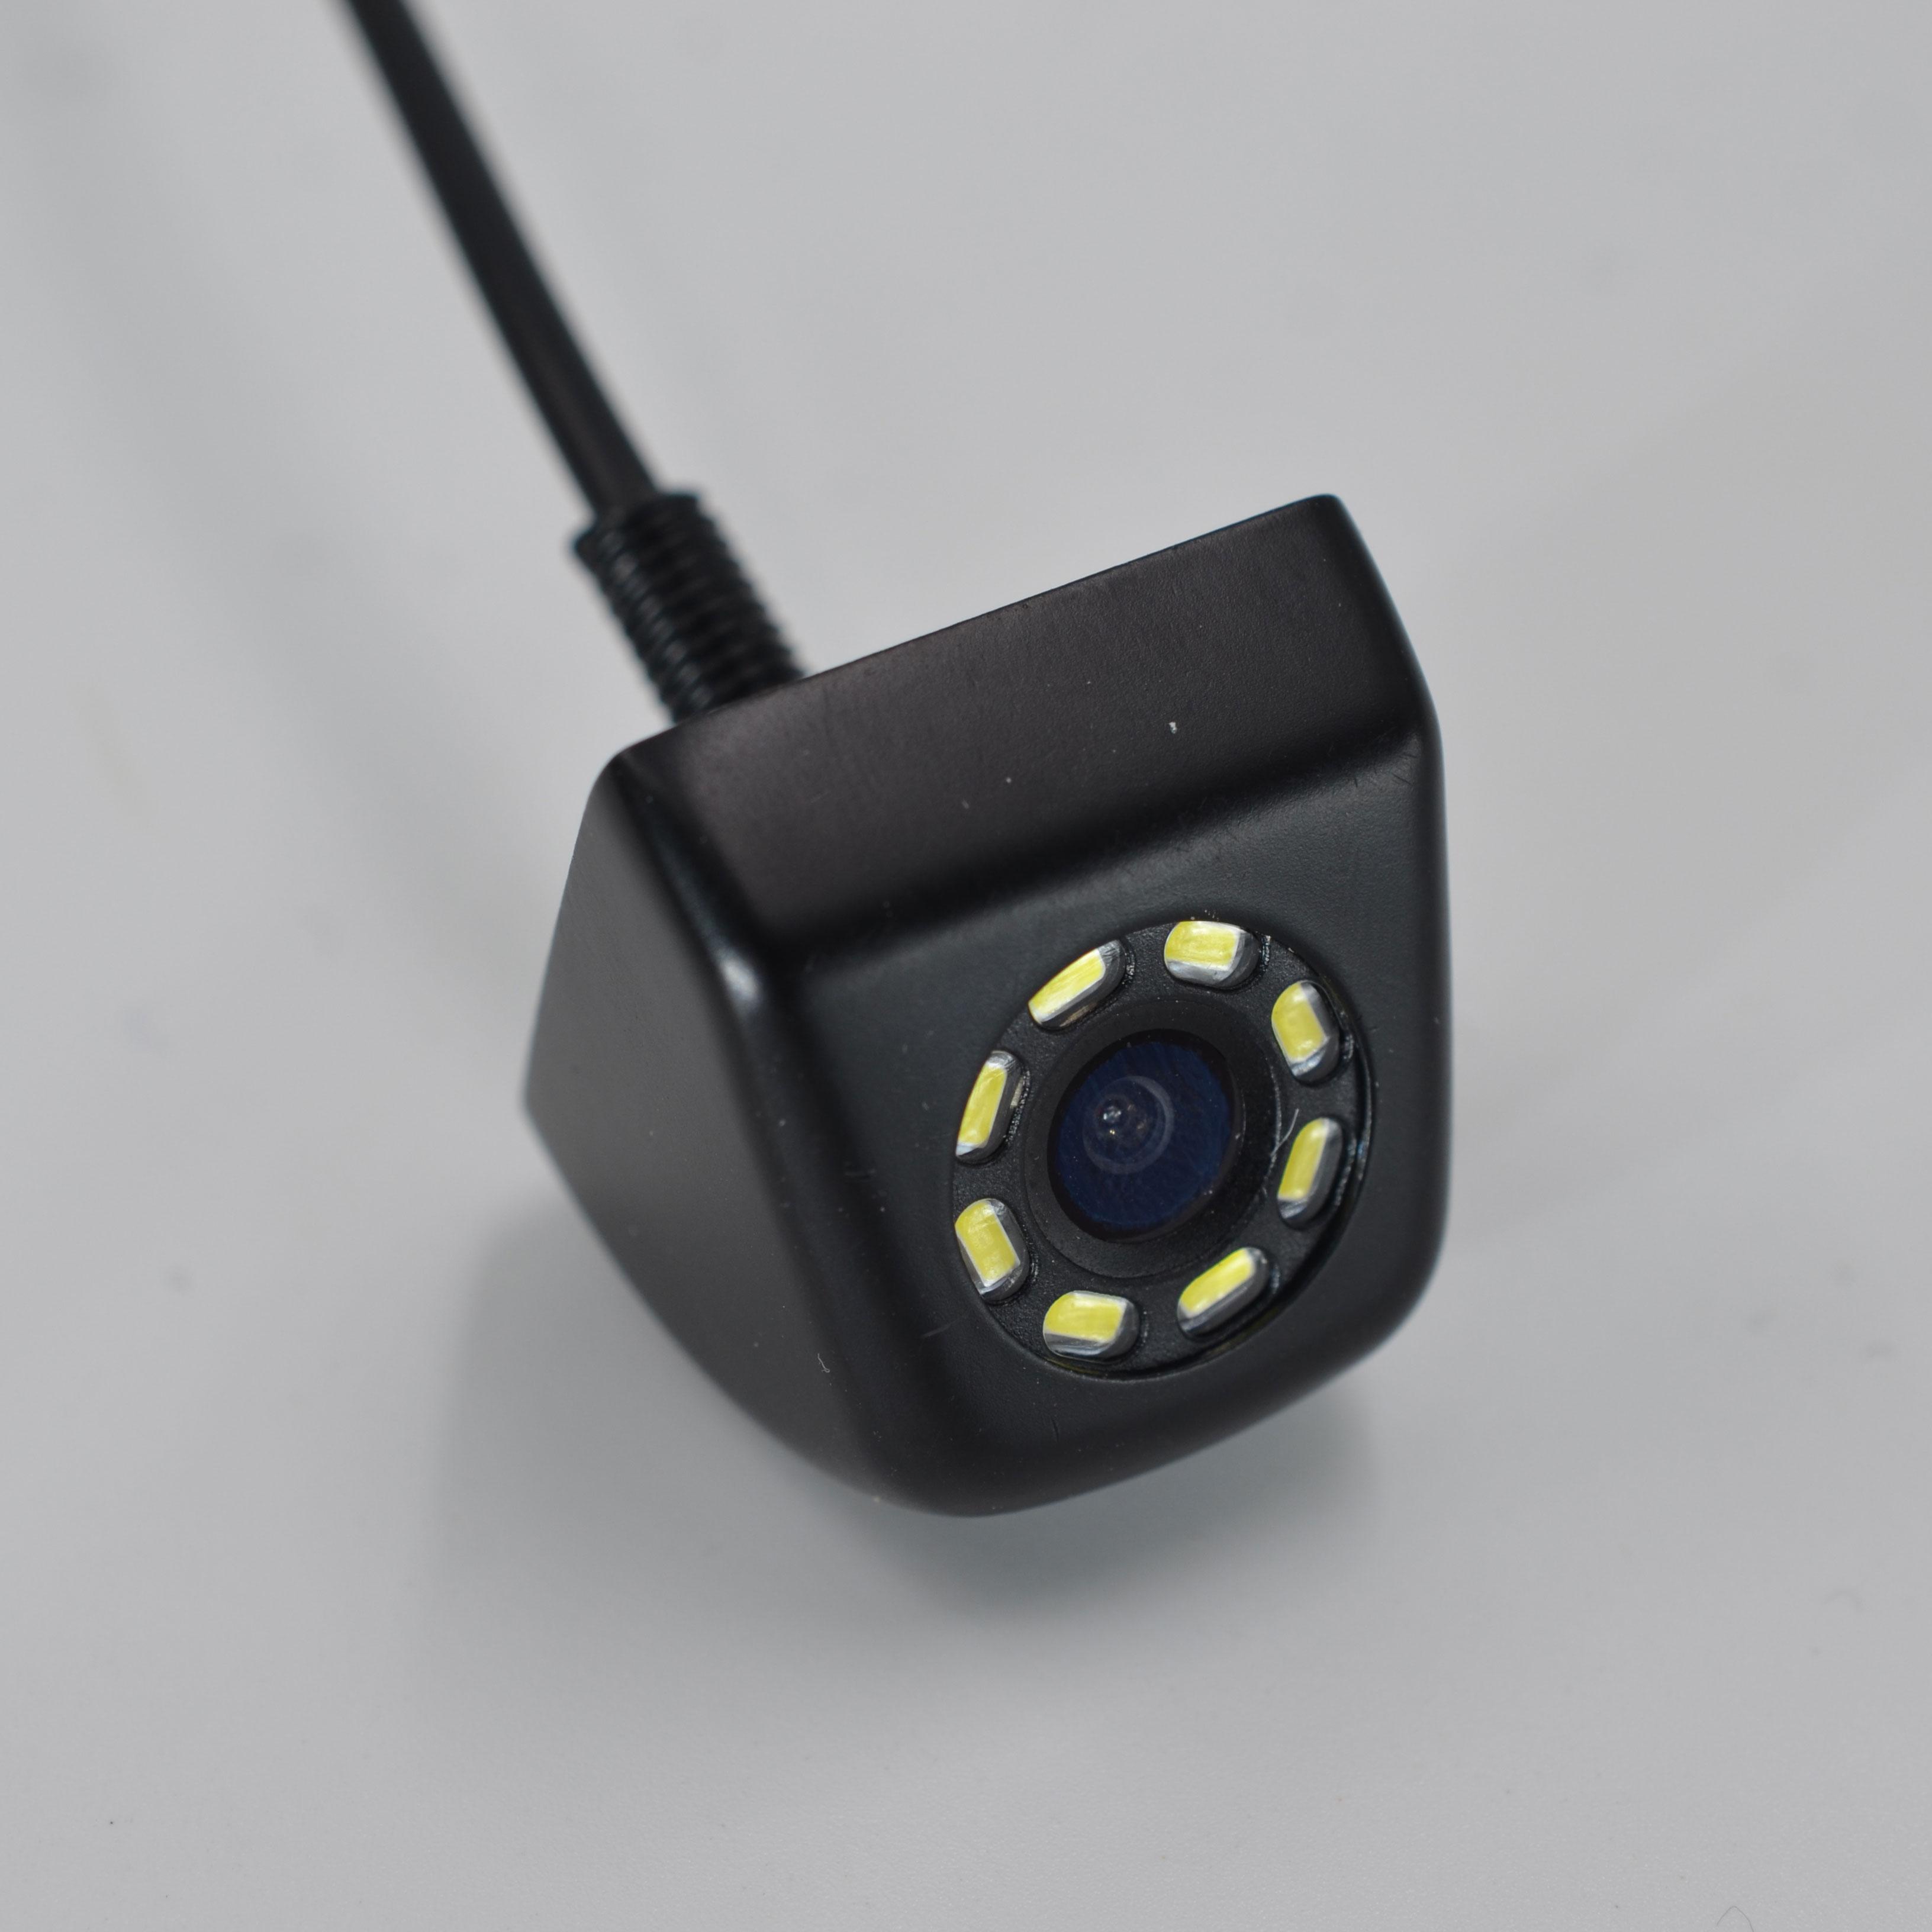 Заводская, CCD HD камера заднего вида, водонепроницаемая камера ночного видения с углом обзора 170 градусов, роскошная Автомобильная камера заднего вида, камера заднего вида - Название цвета: Синий